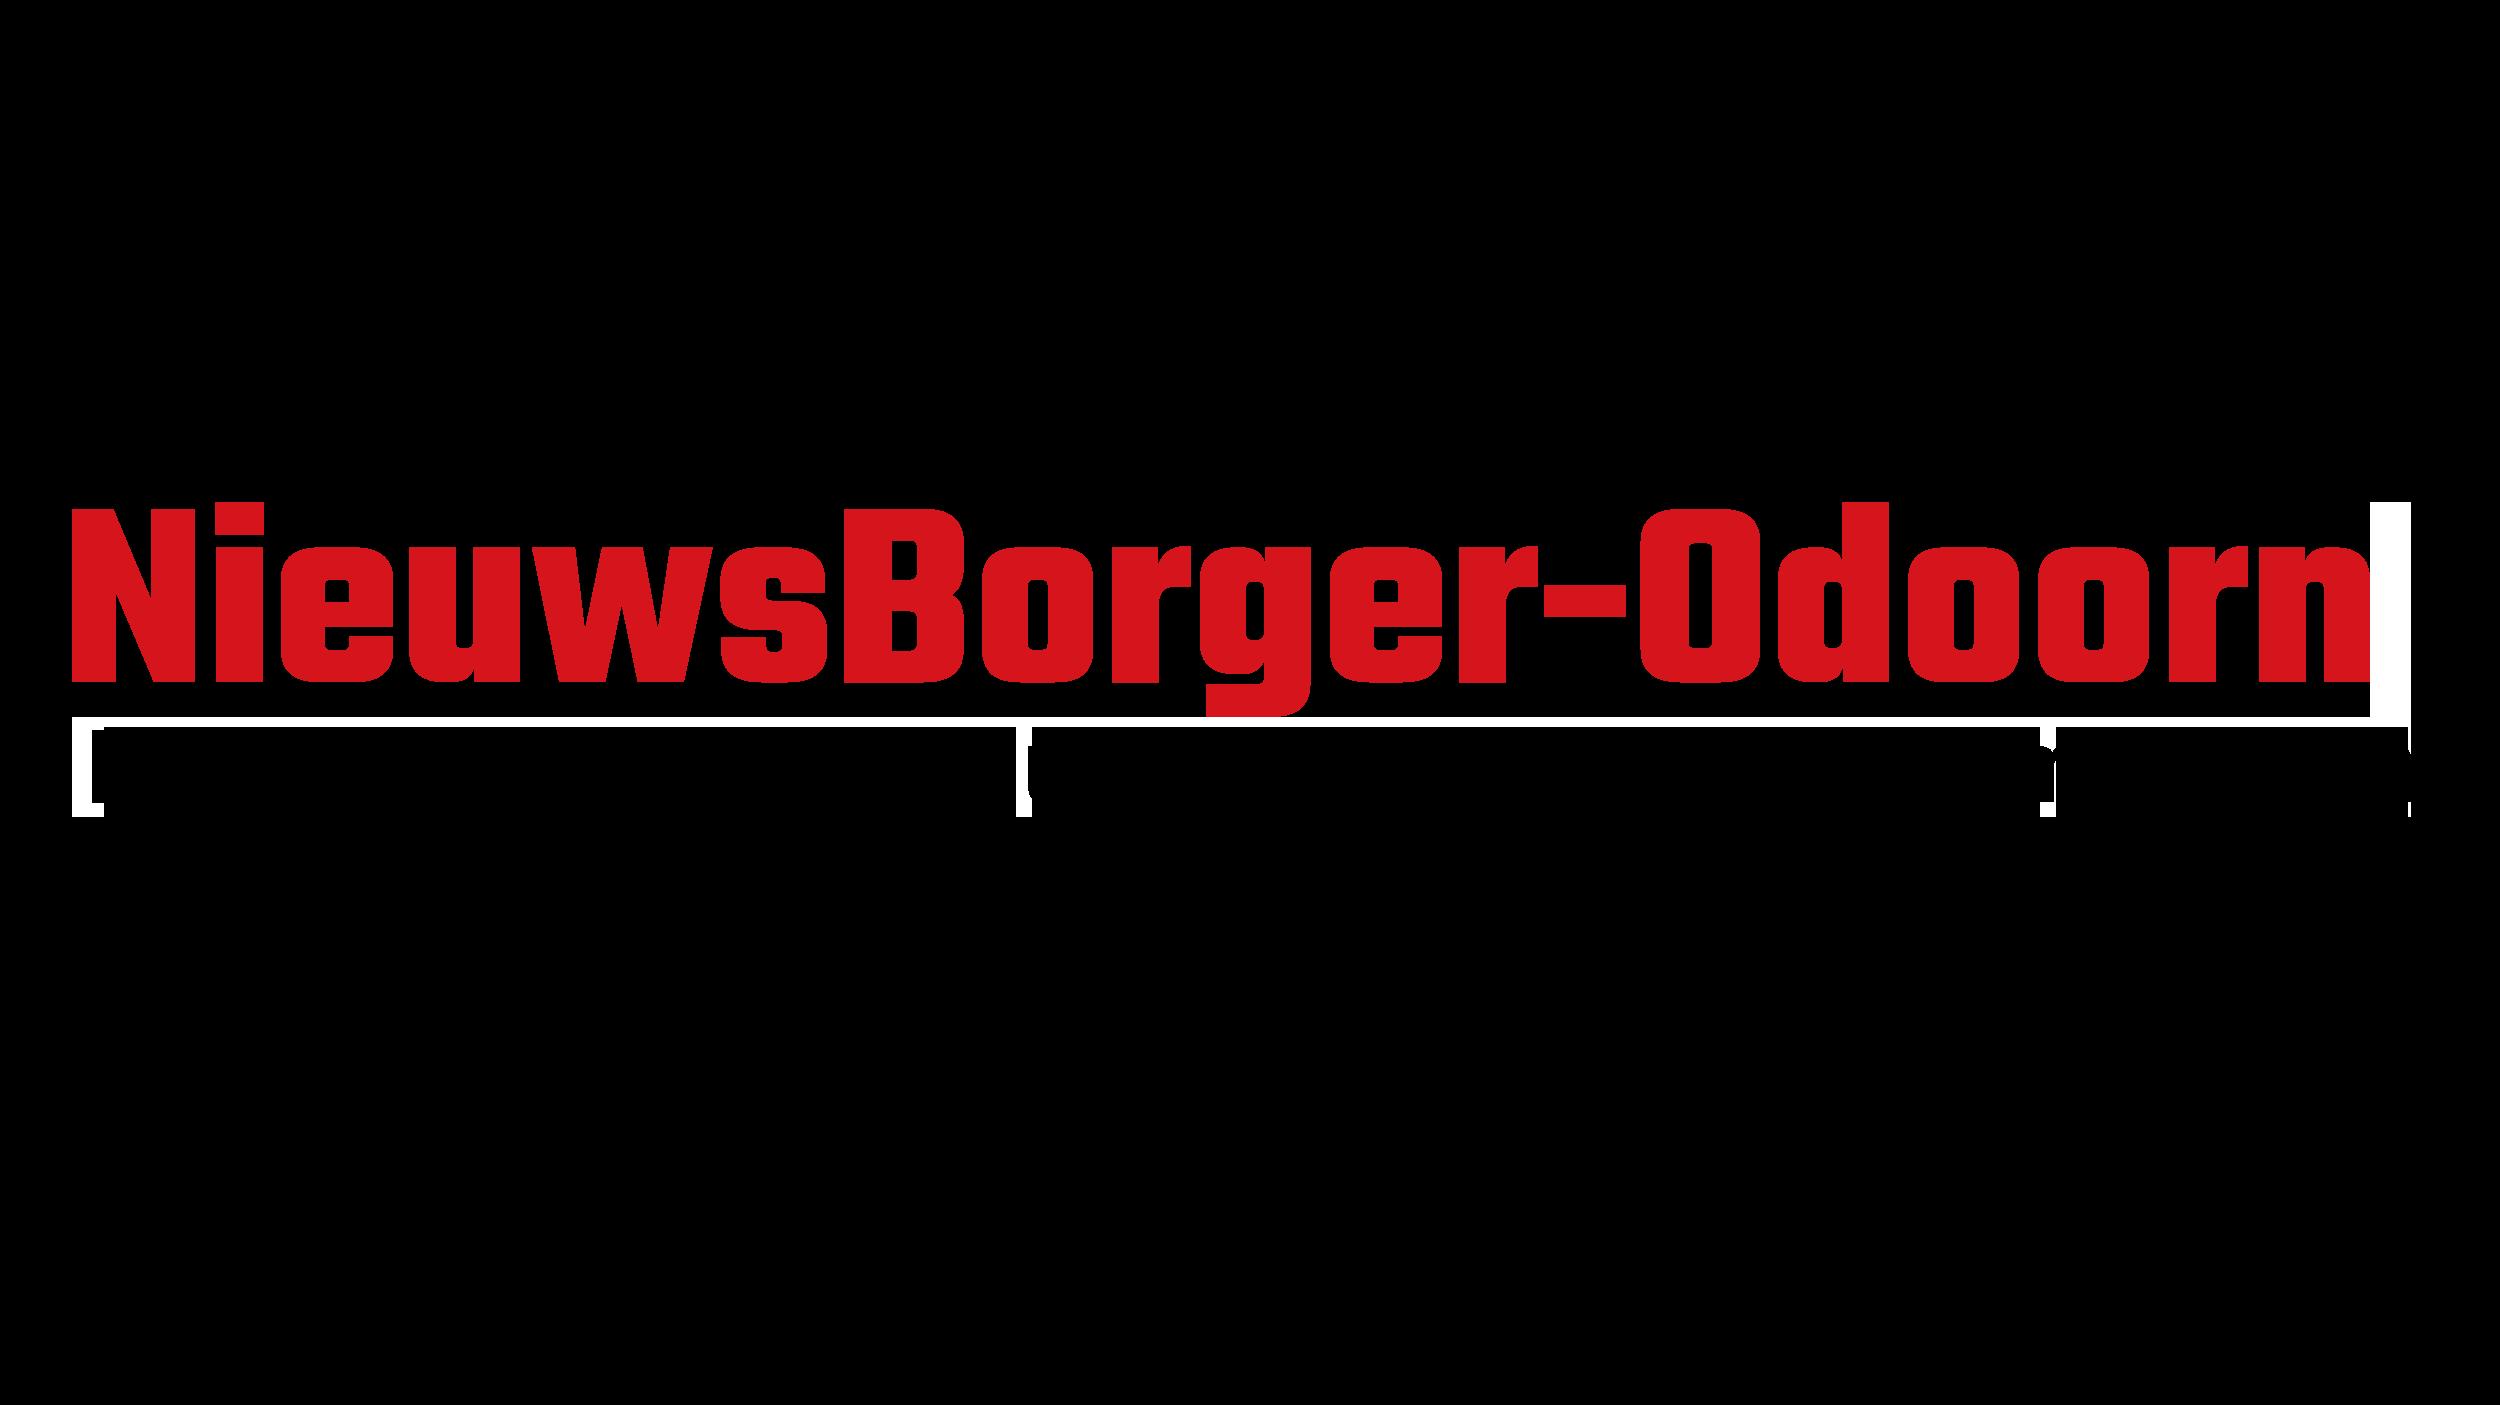 NieuwsBorger-Odoorn